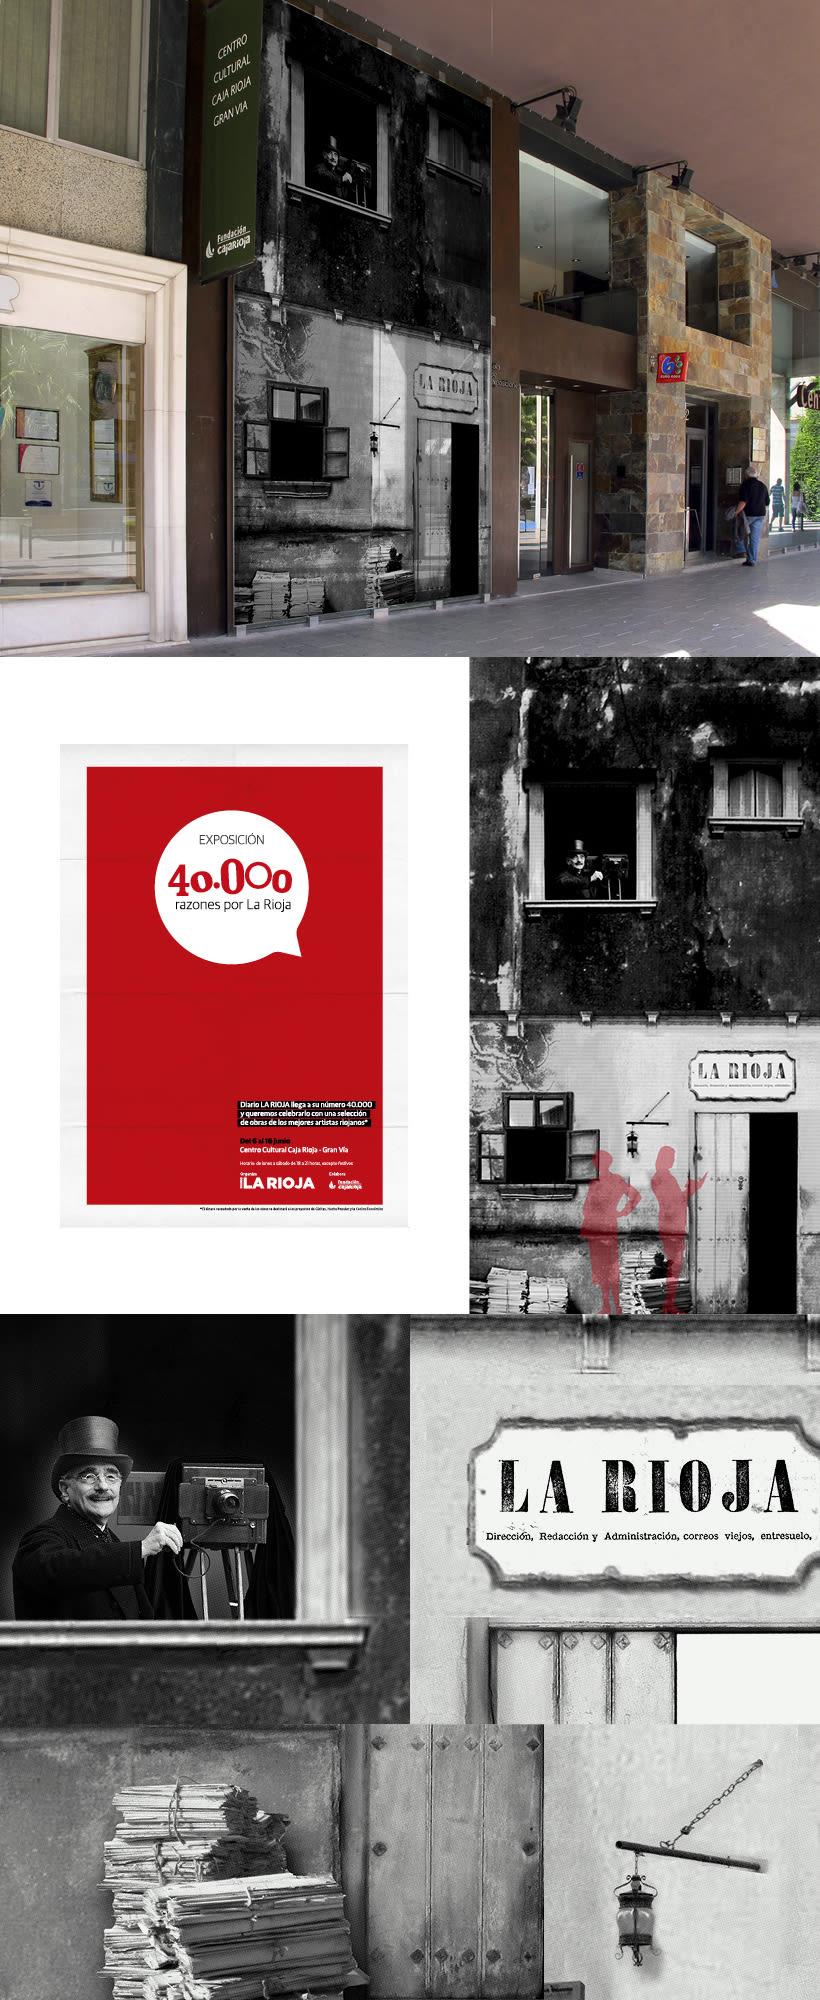 Imagen y cartel para exposición -1